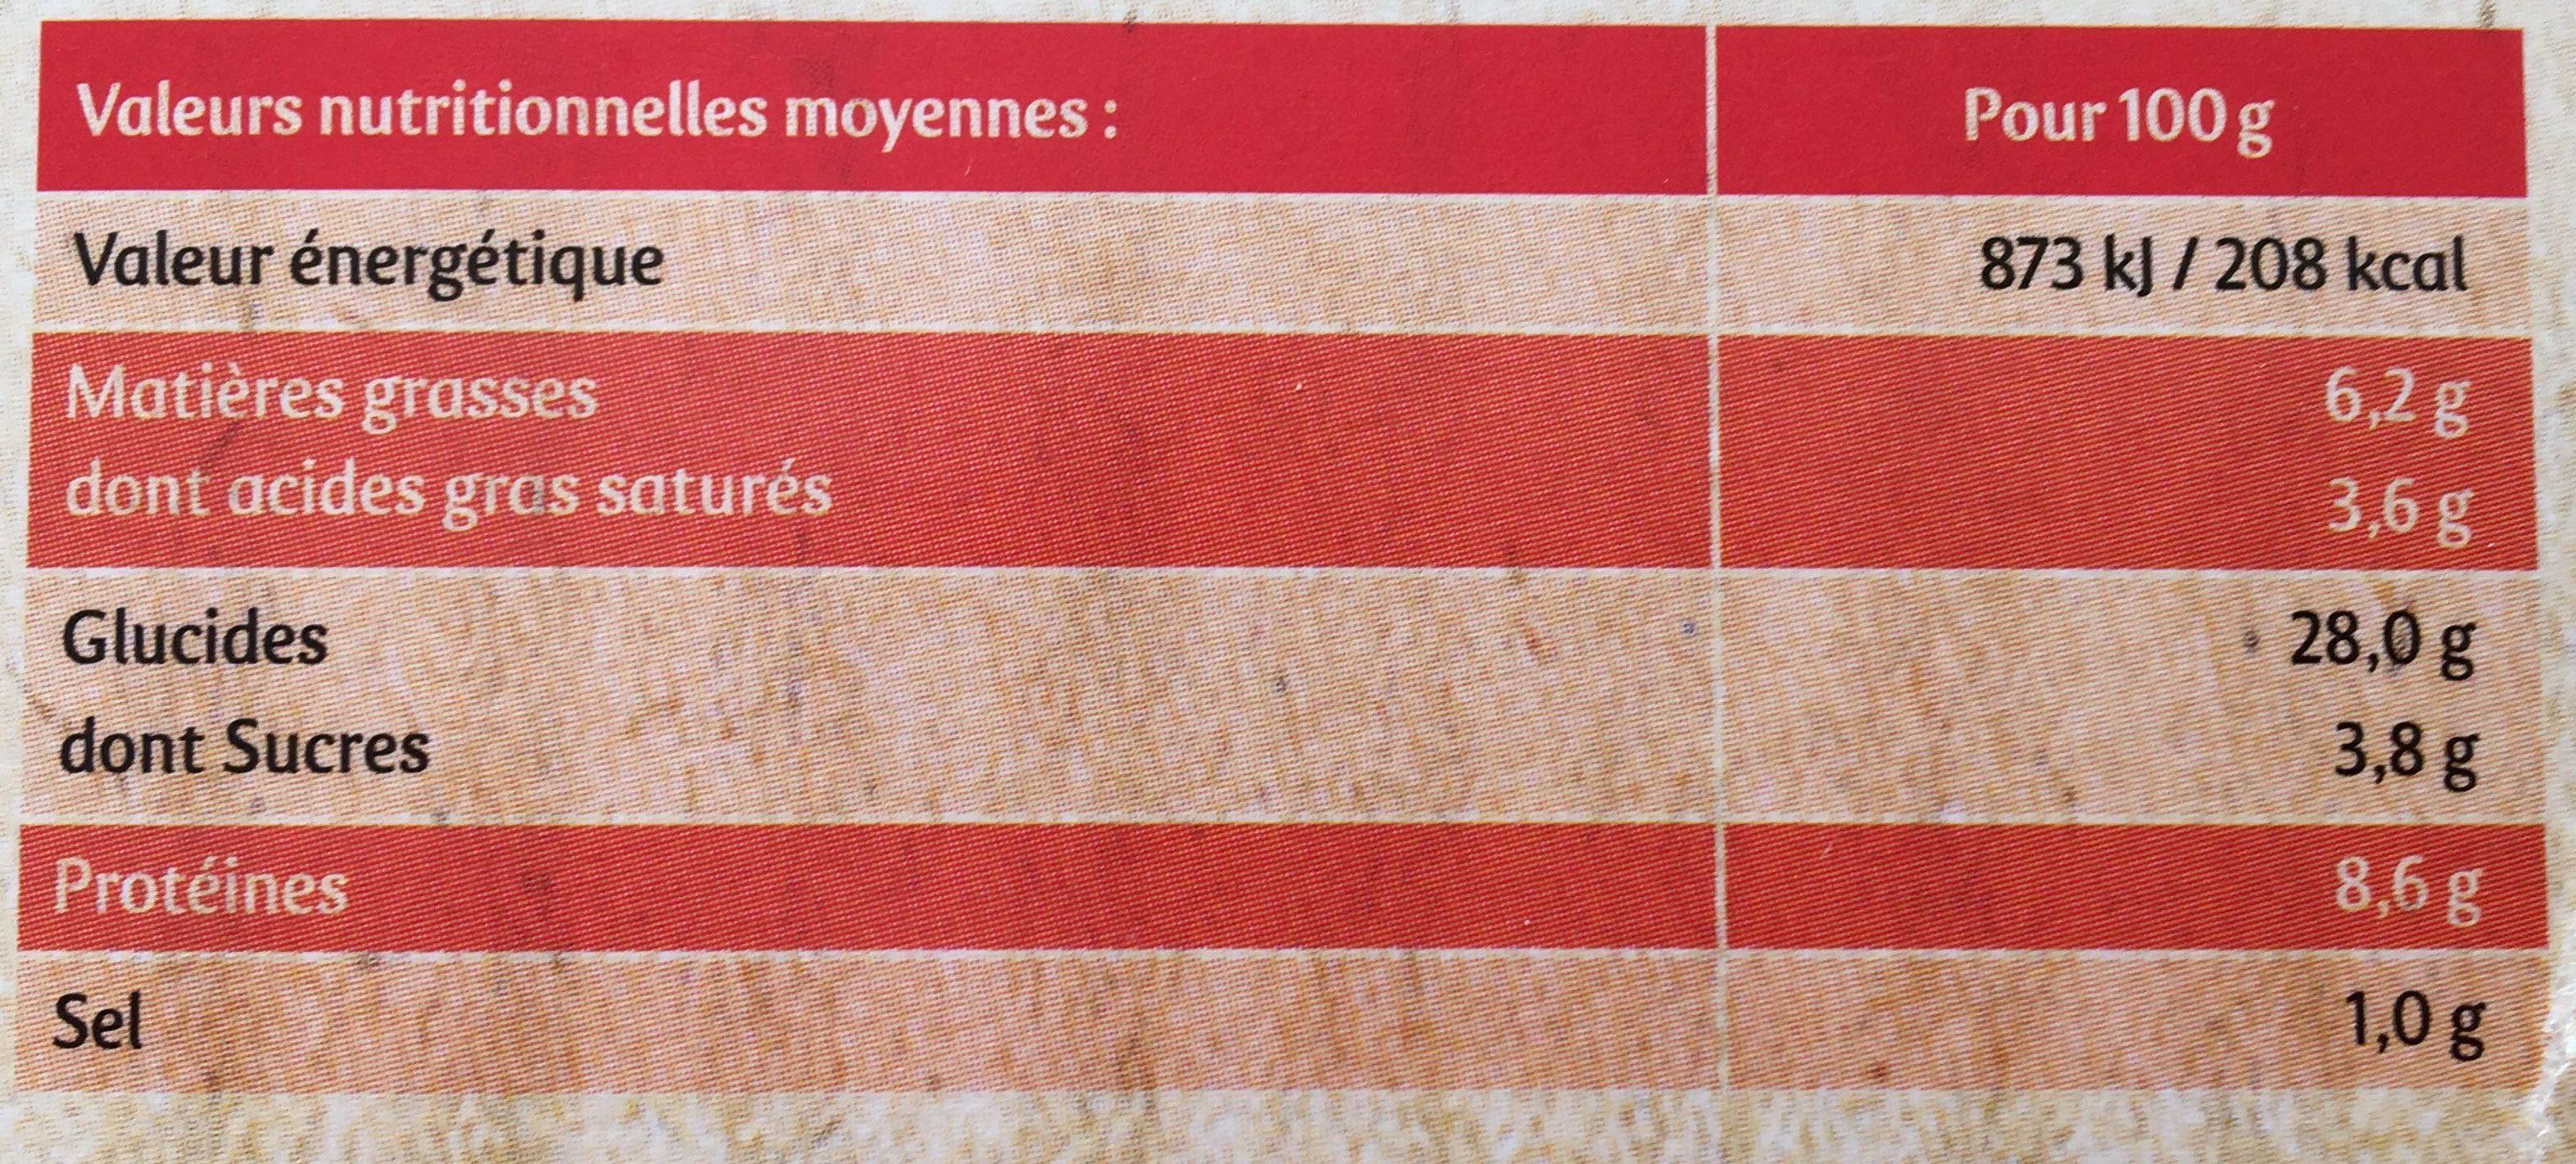 Pizza Bio 4 Saisons - Nutrition facts